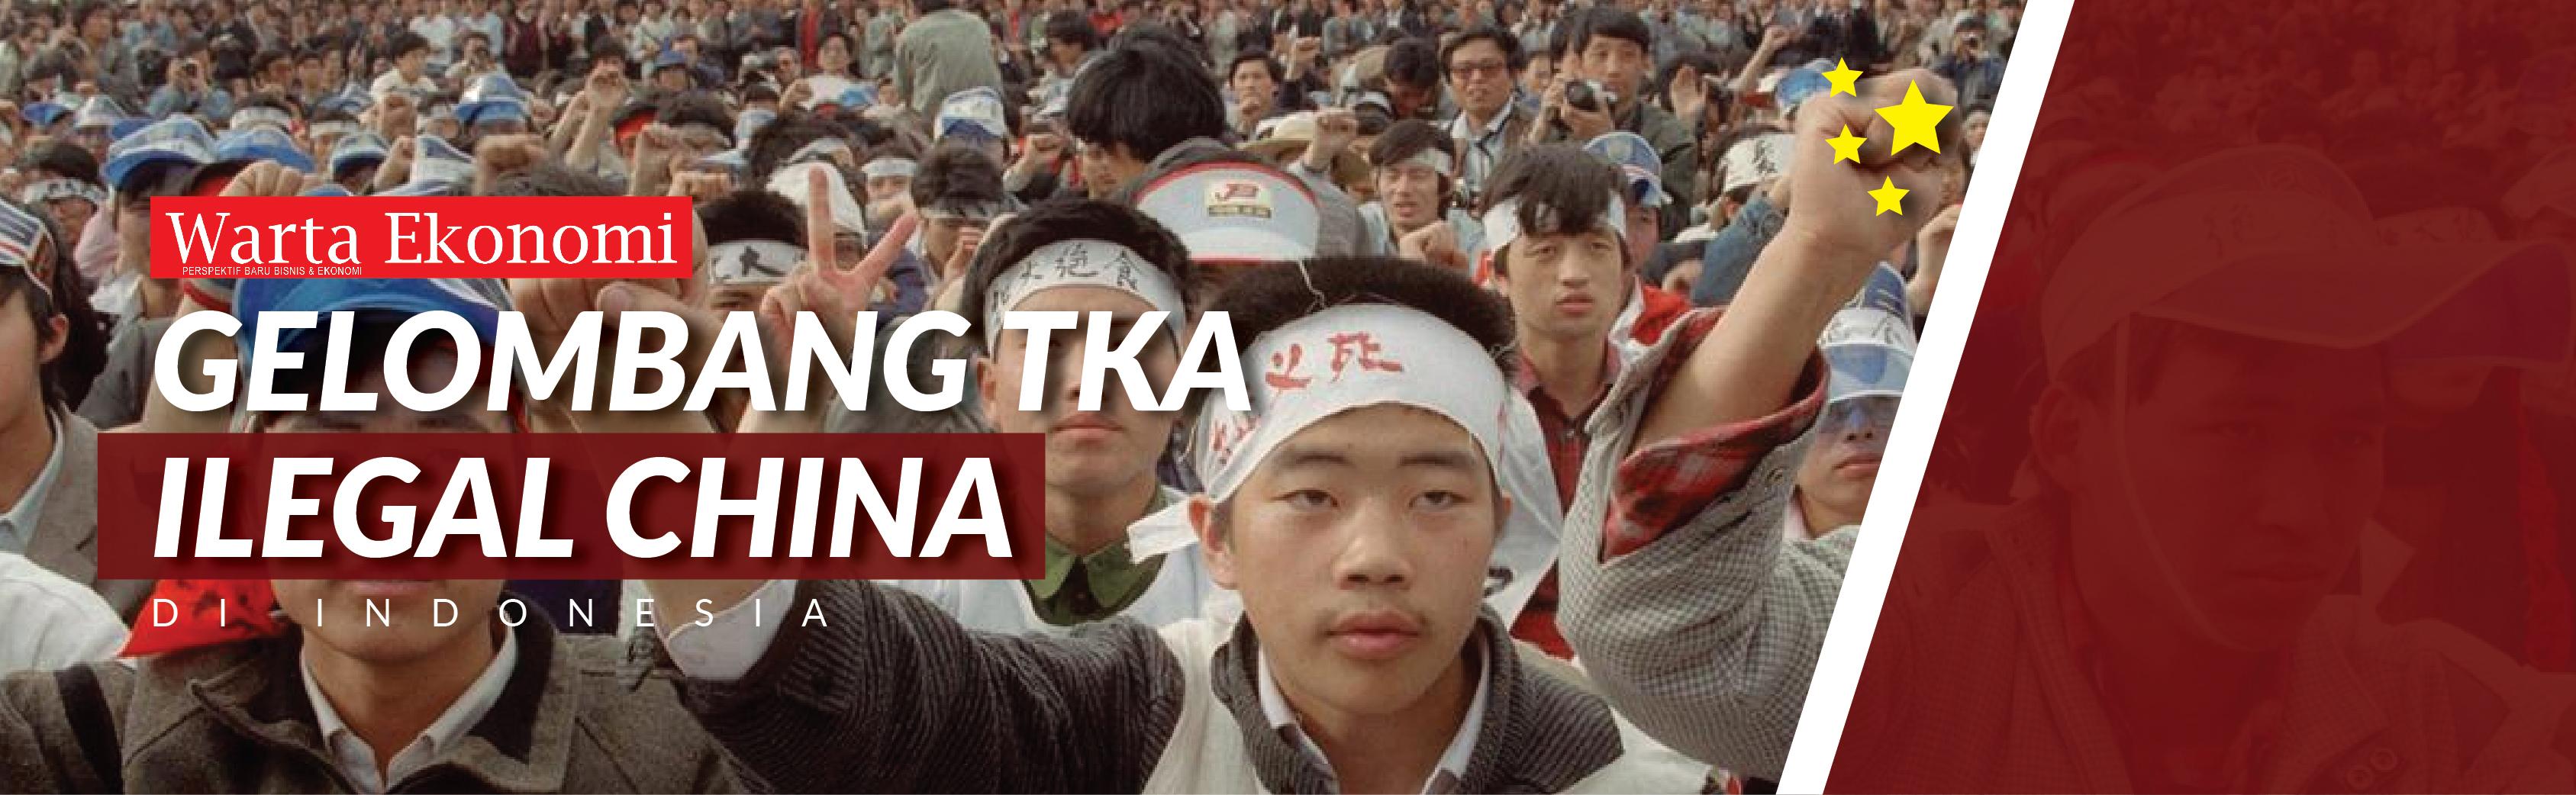 Gambar Topik Berita Gelombang TKA Ilegal China